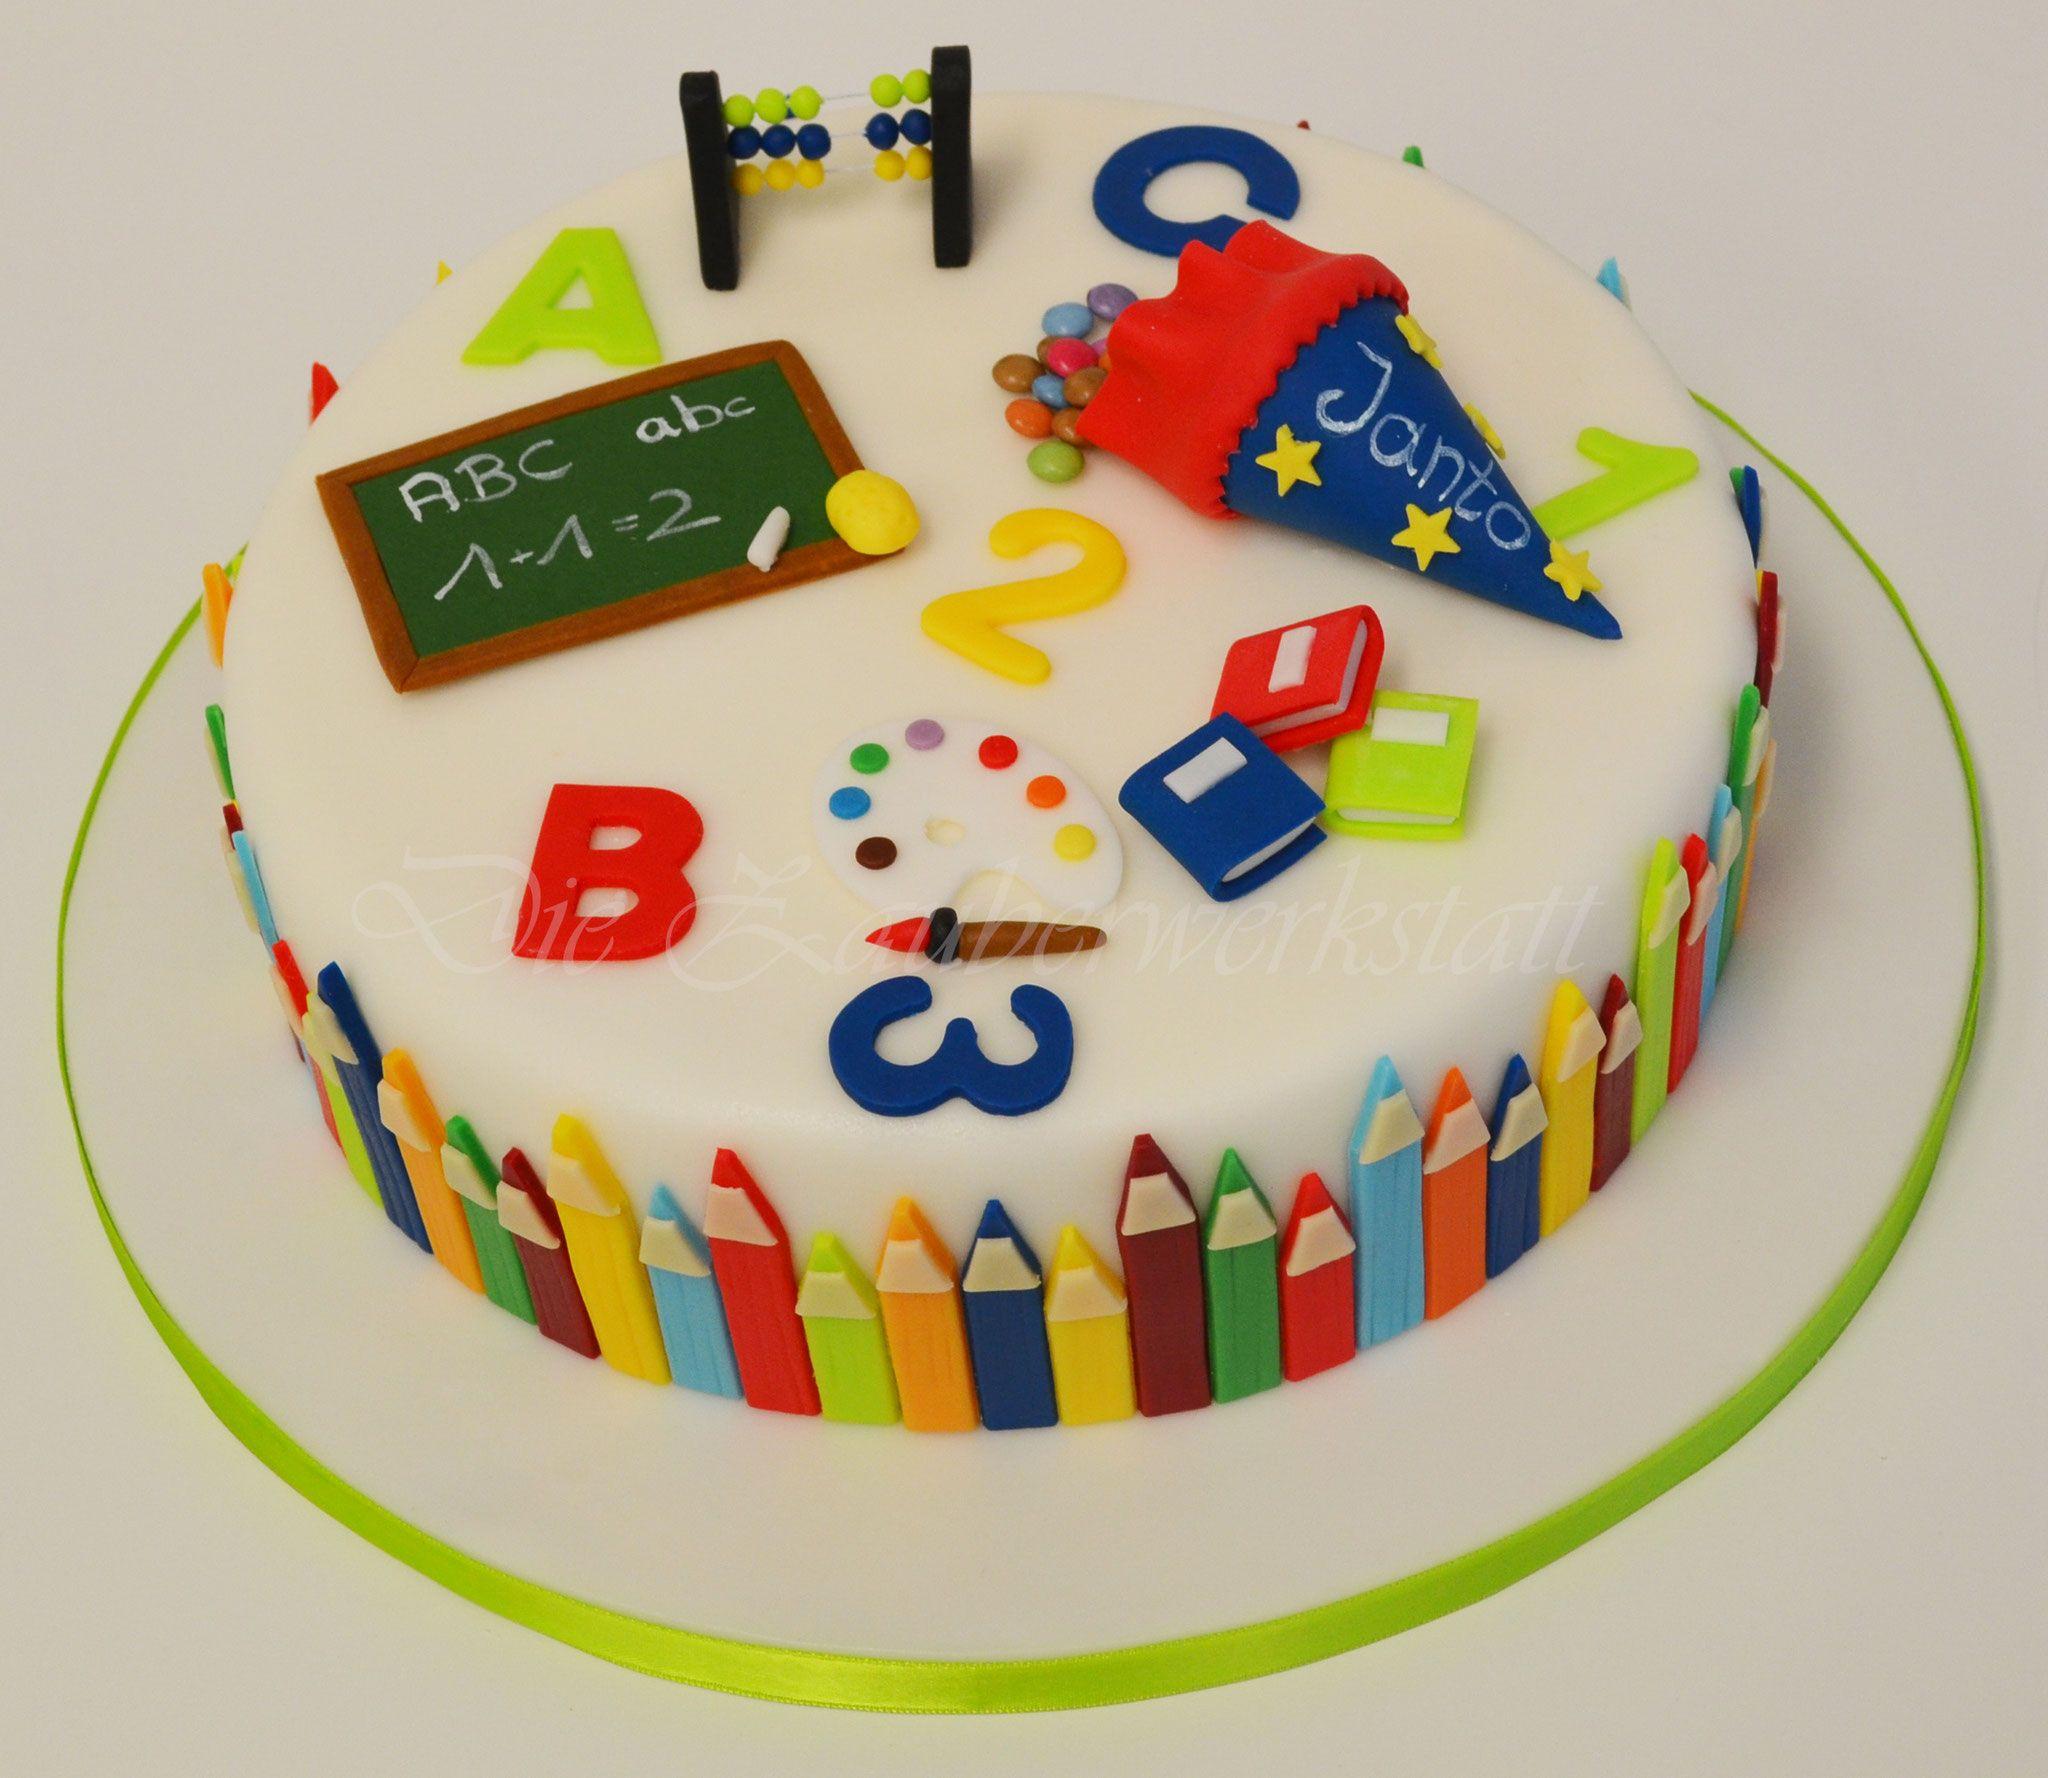 Einschulungstorte Die Zauberwerkstatt Einschulungstorte Kuchen Einschulung Torte Einschulung